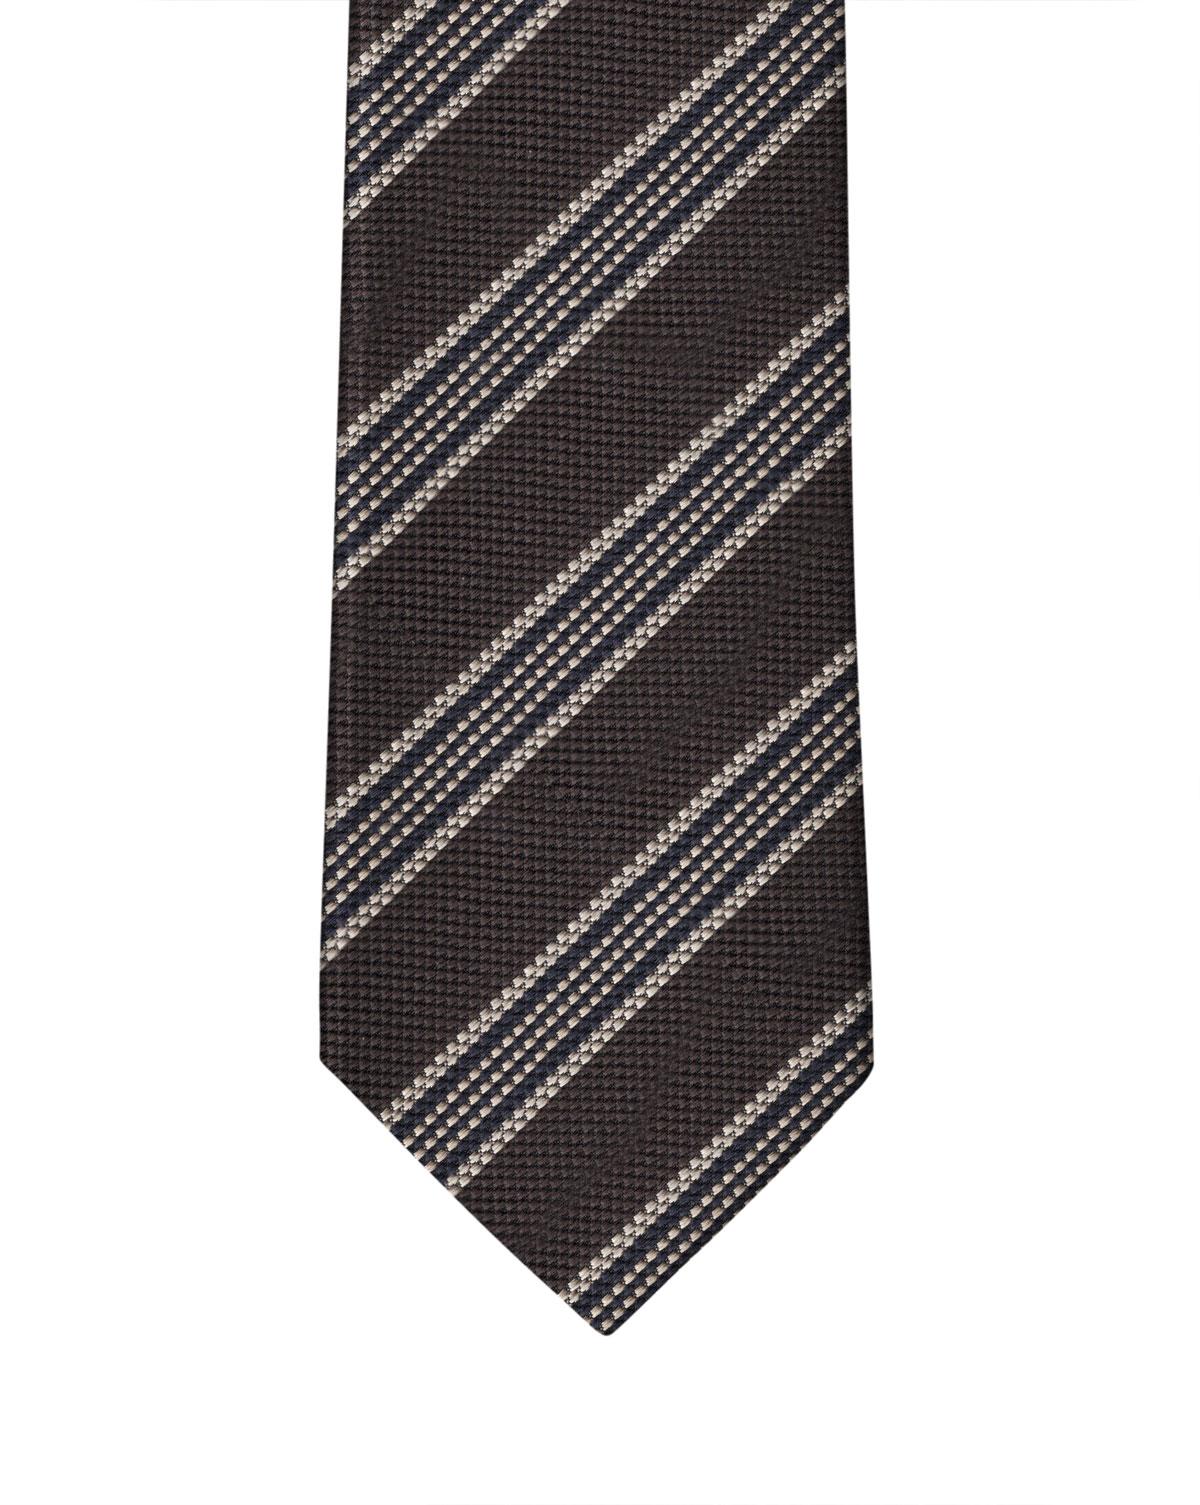 Brown & Cream Elegant Stripe Necktie